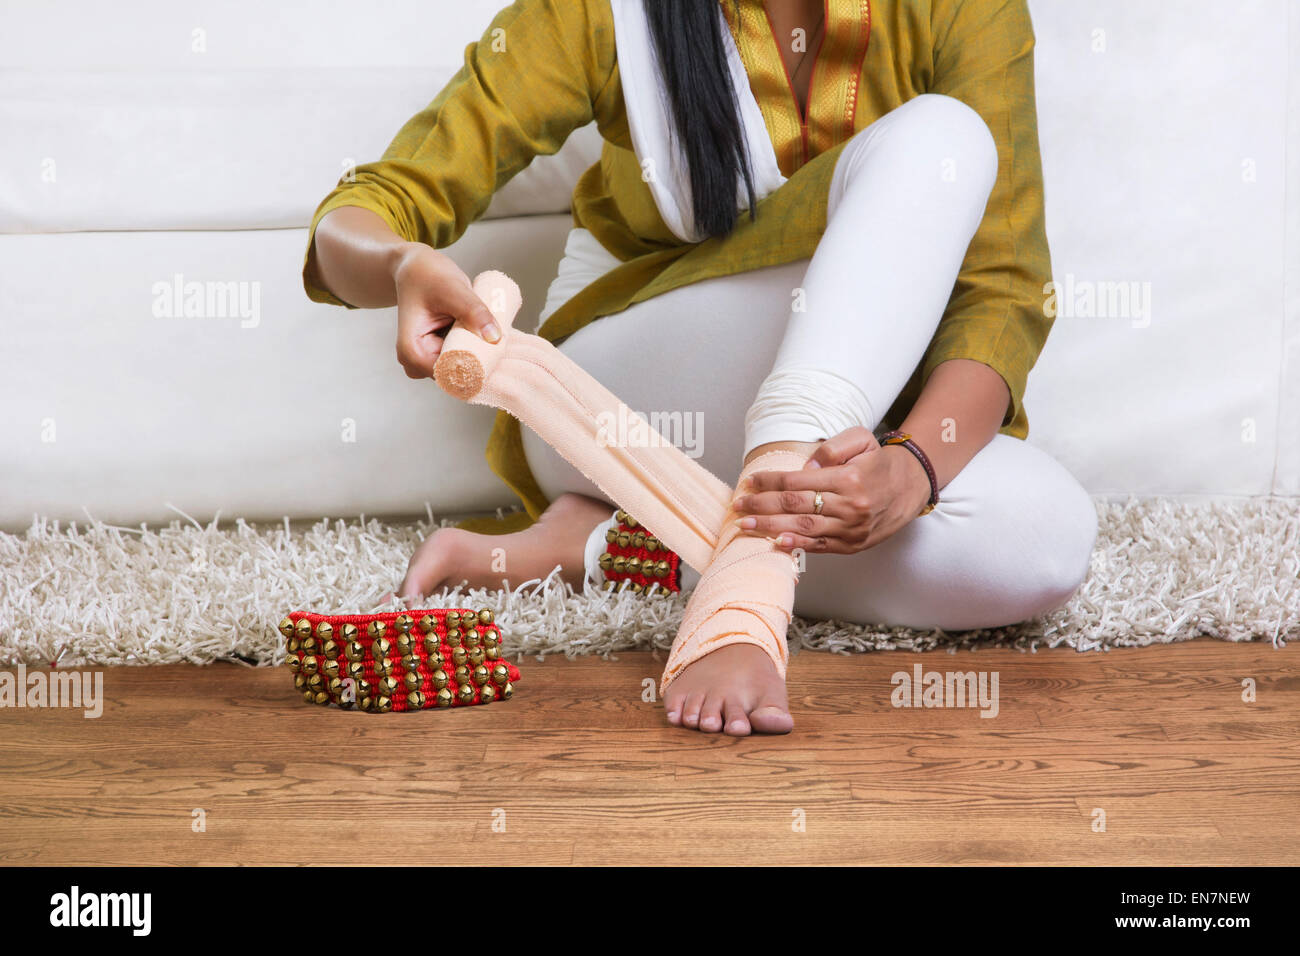 Woman tying bandage around ankle - Stock Image